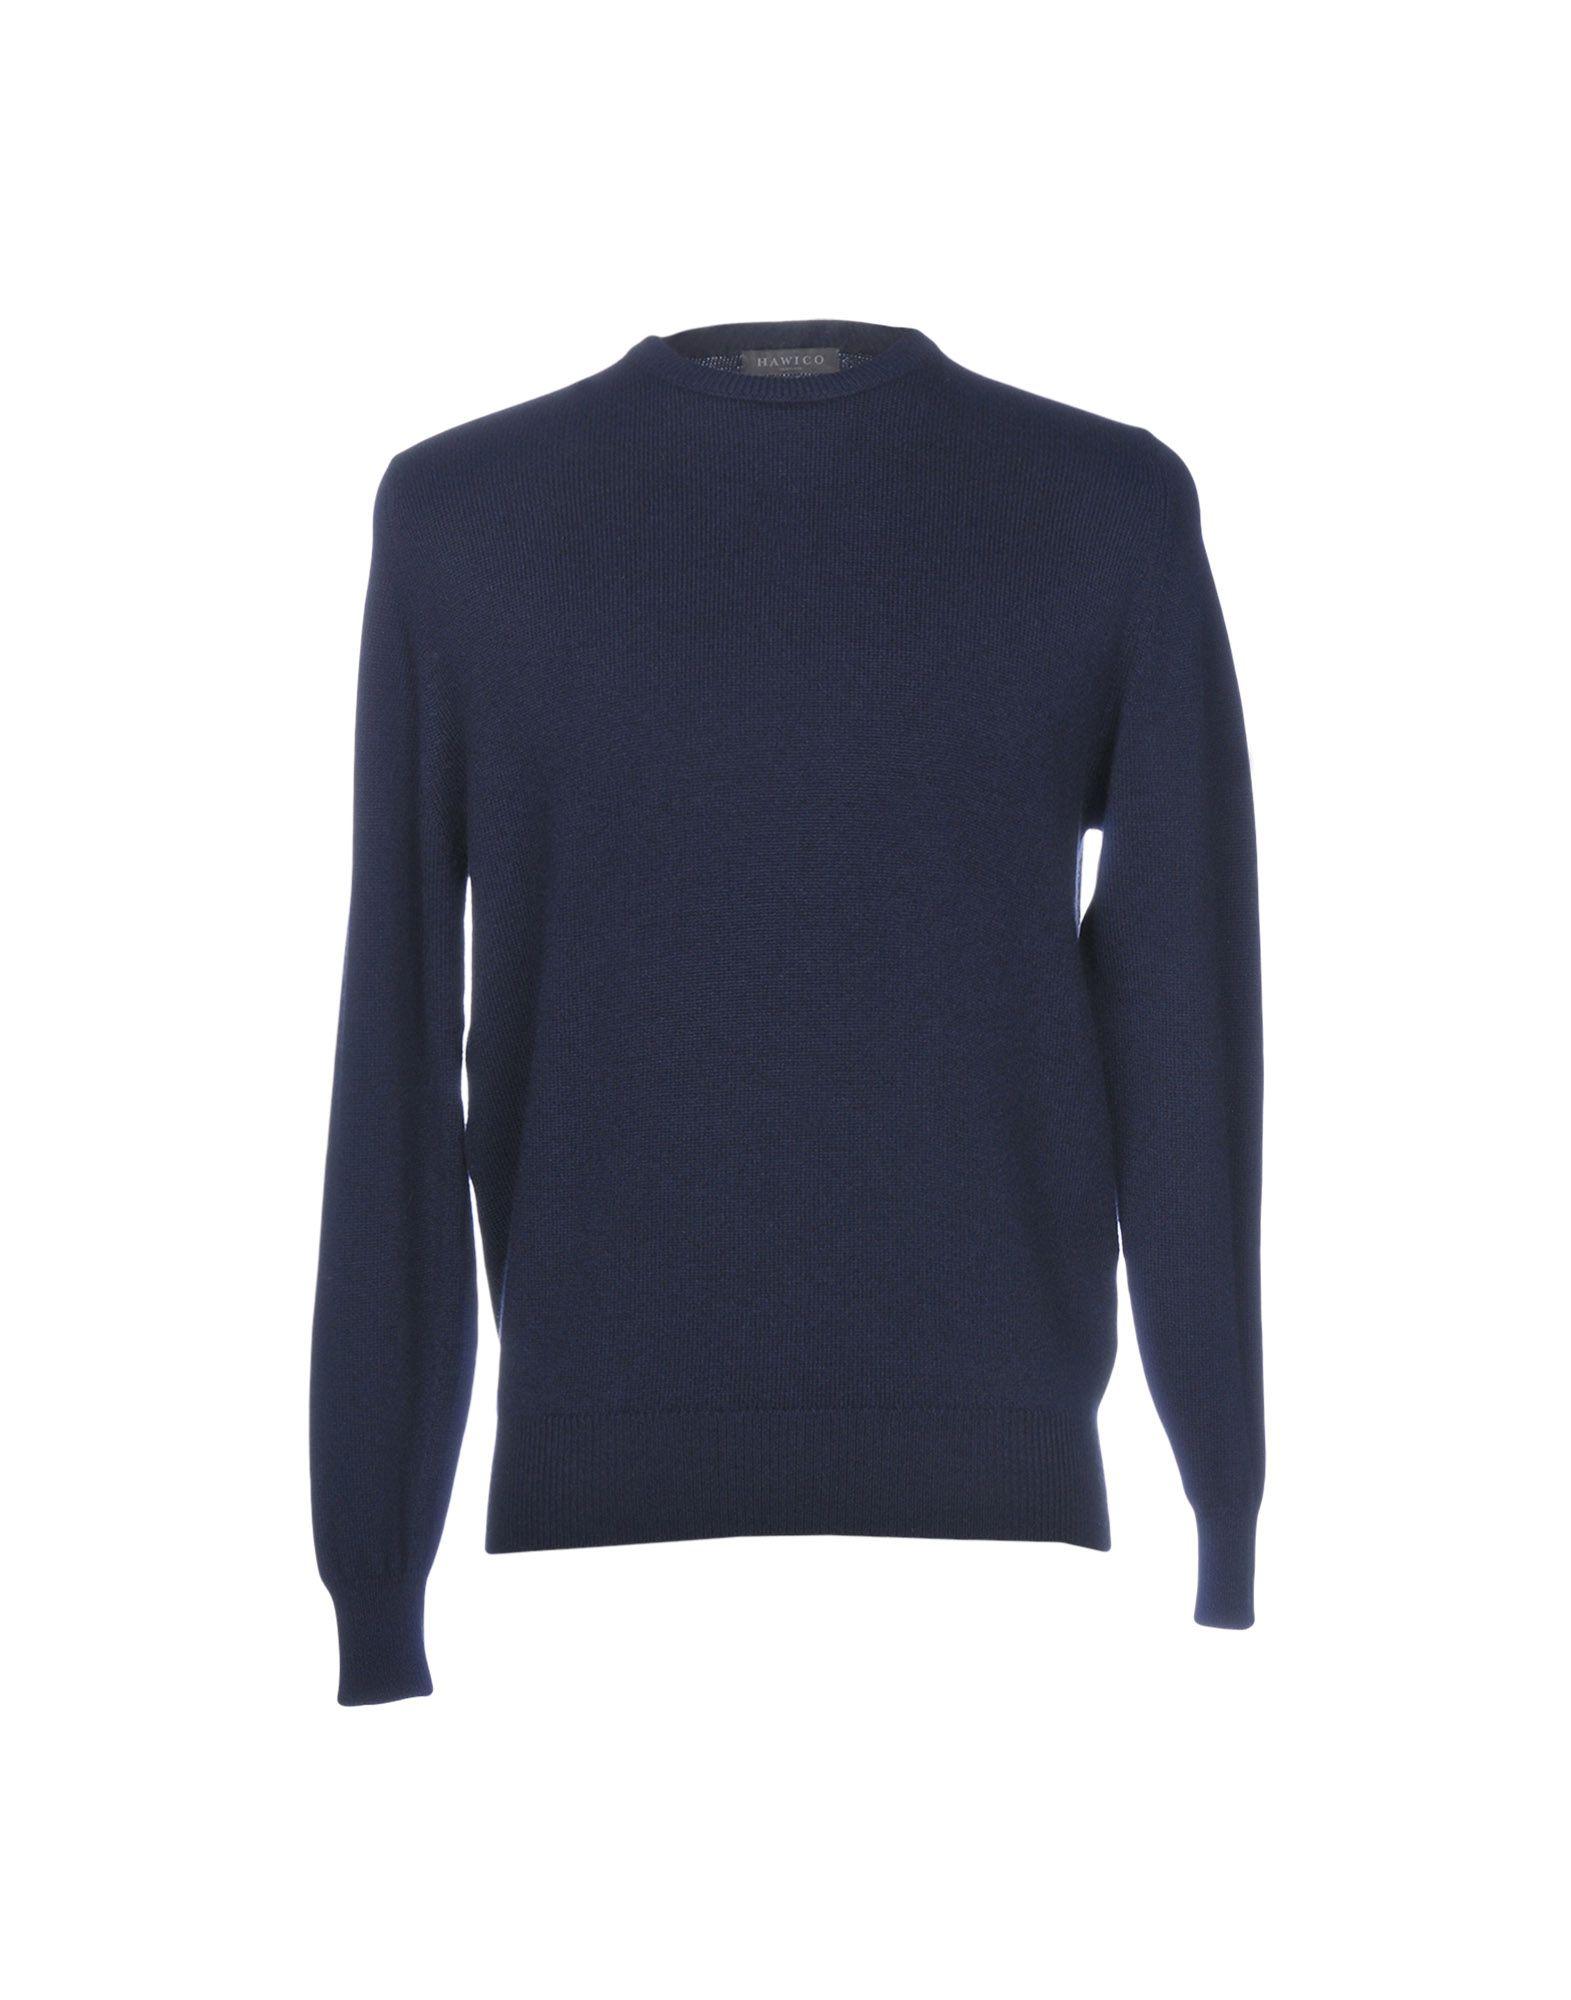 HAWICO Cashmere Blend in Dark Blue